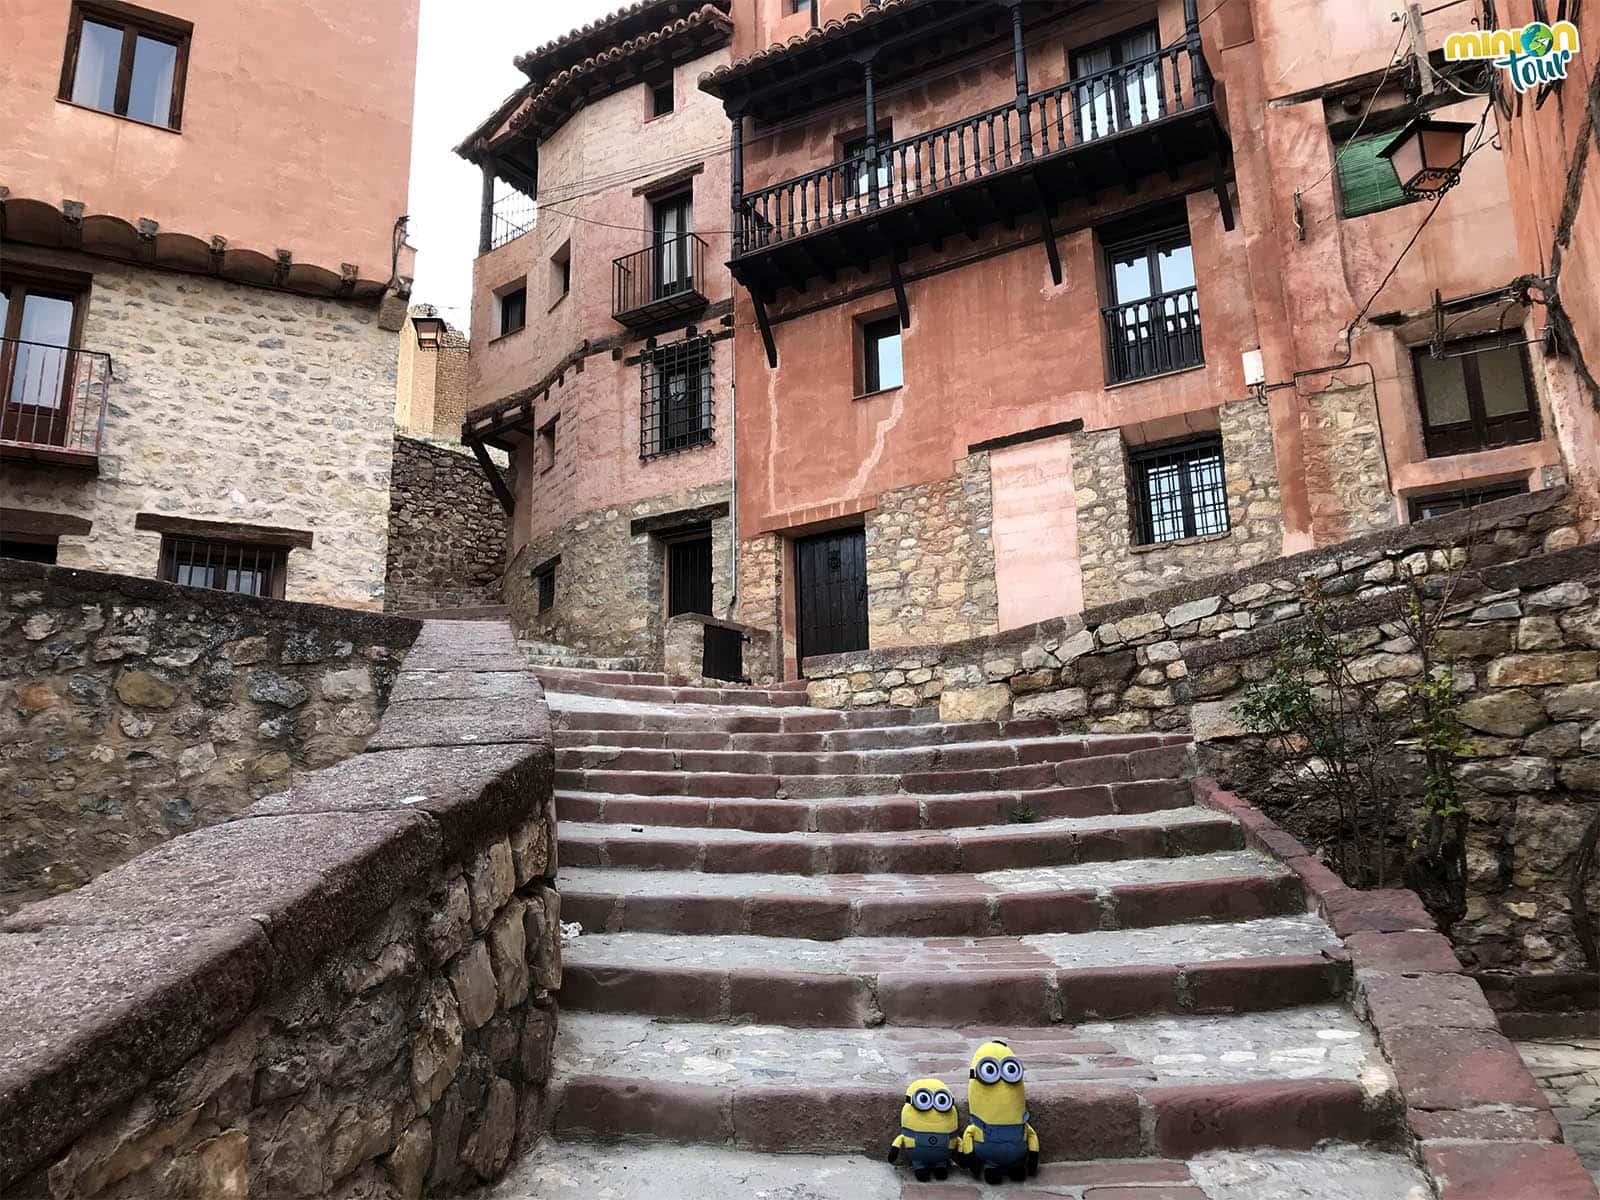 Escaleras de calles de Albarracín